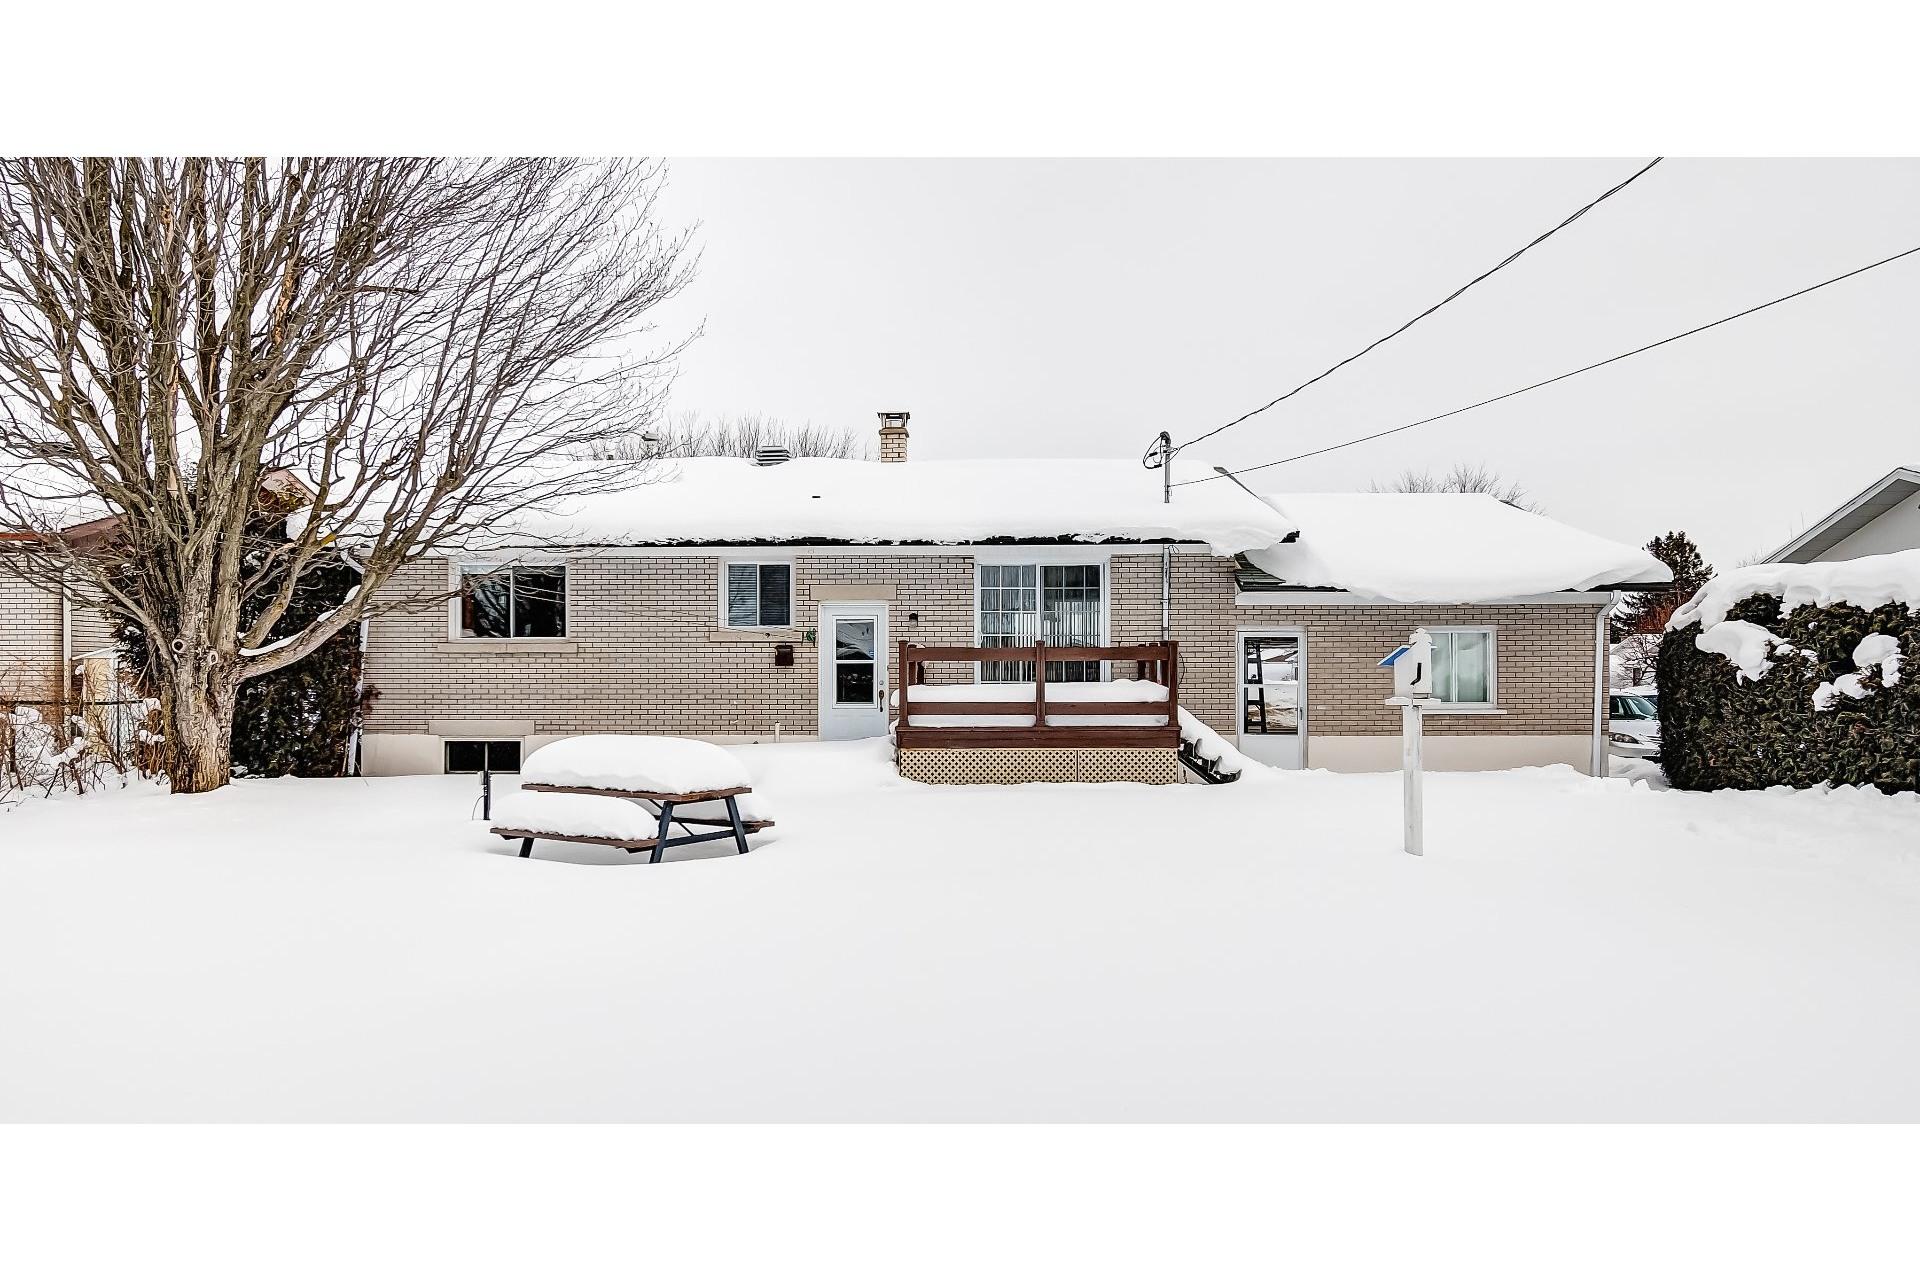 image 28 - Maison À vendre Trois-Rivières - 10 pièces